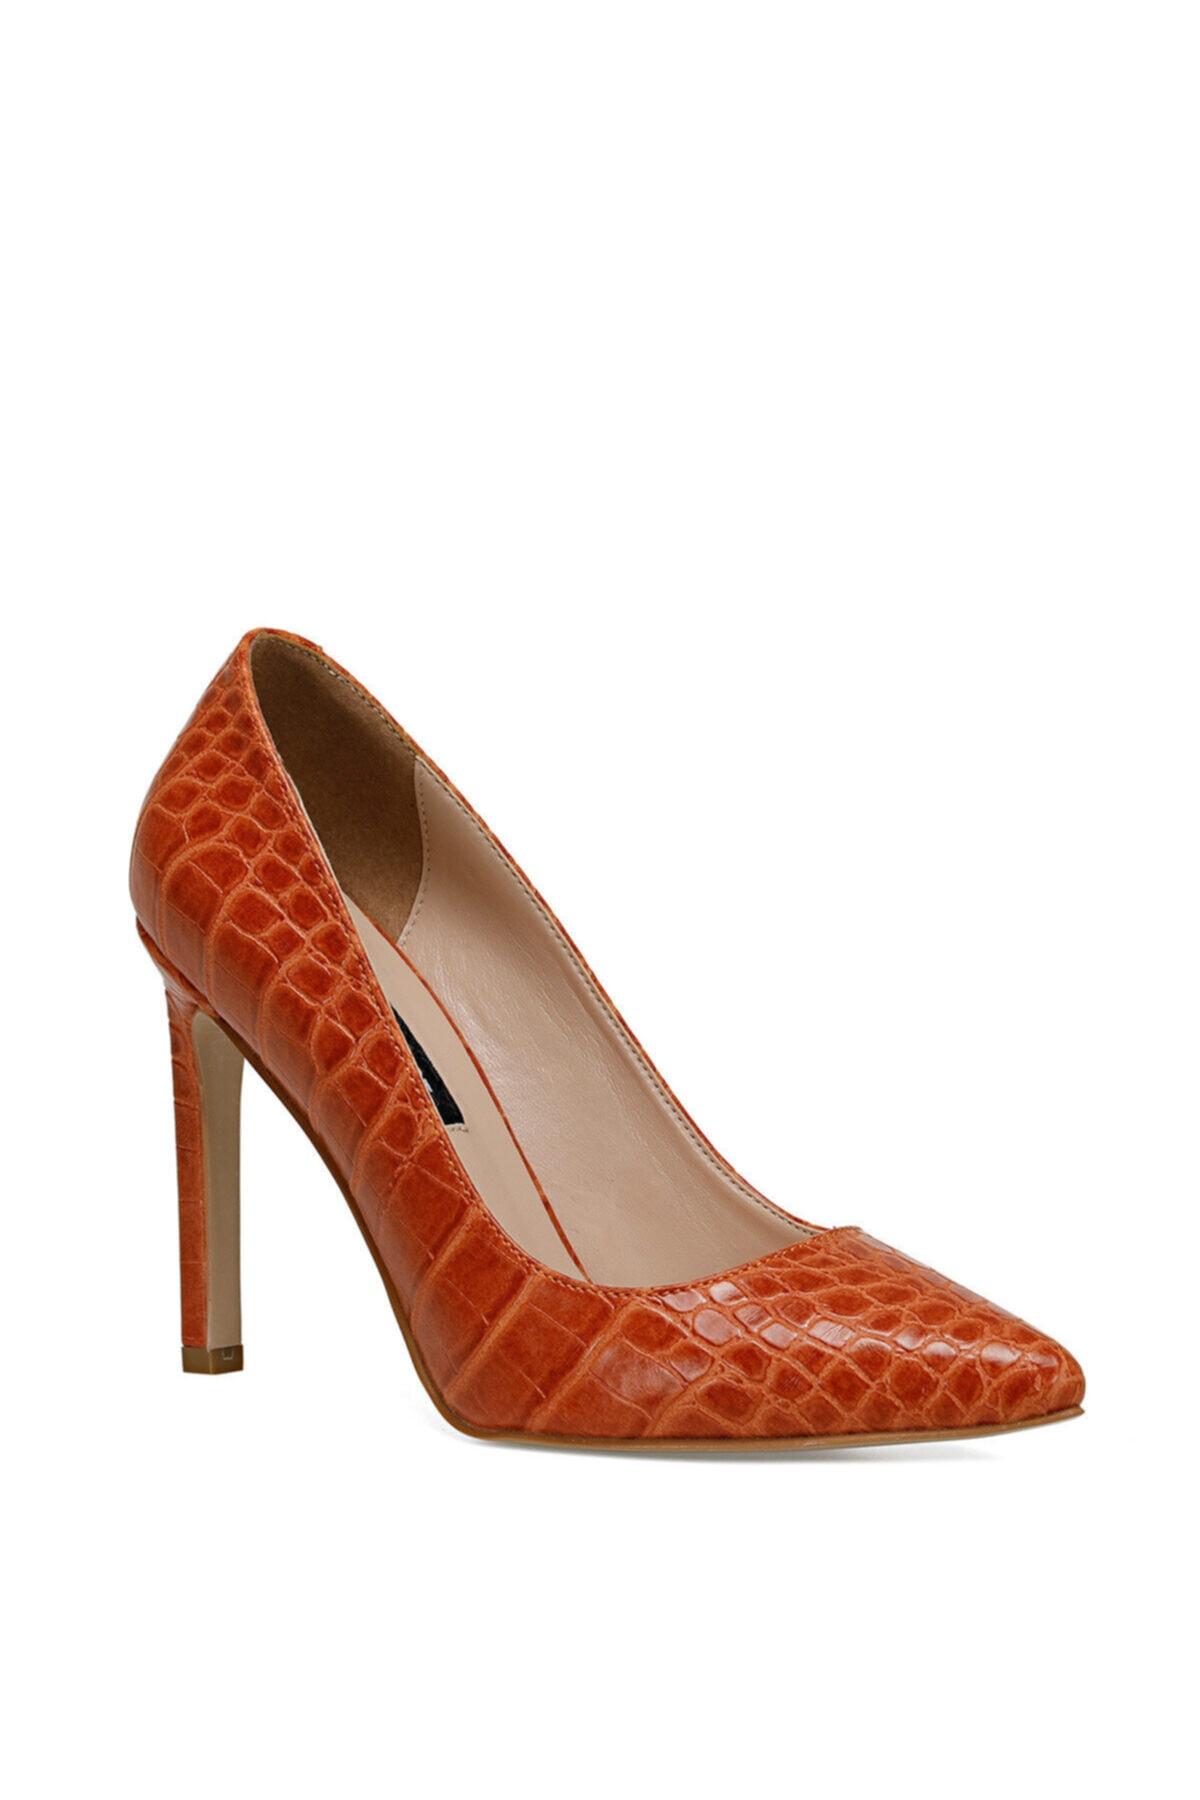 Nine West TANITA2 Nar Çiçeği Kadın Topuklu Ayakkabı 100526653 2